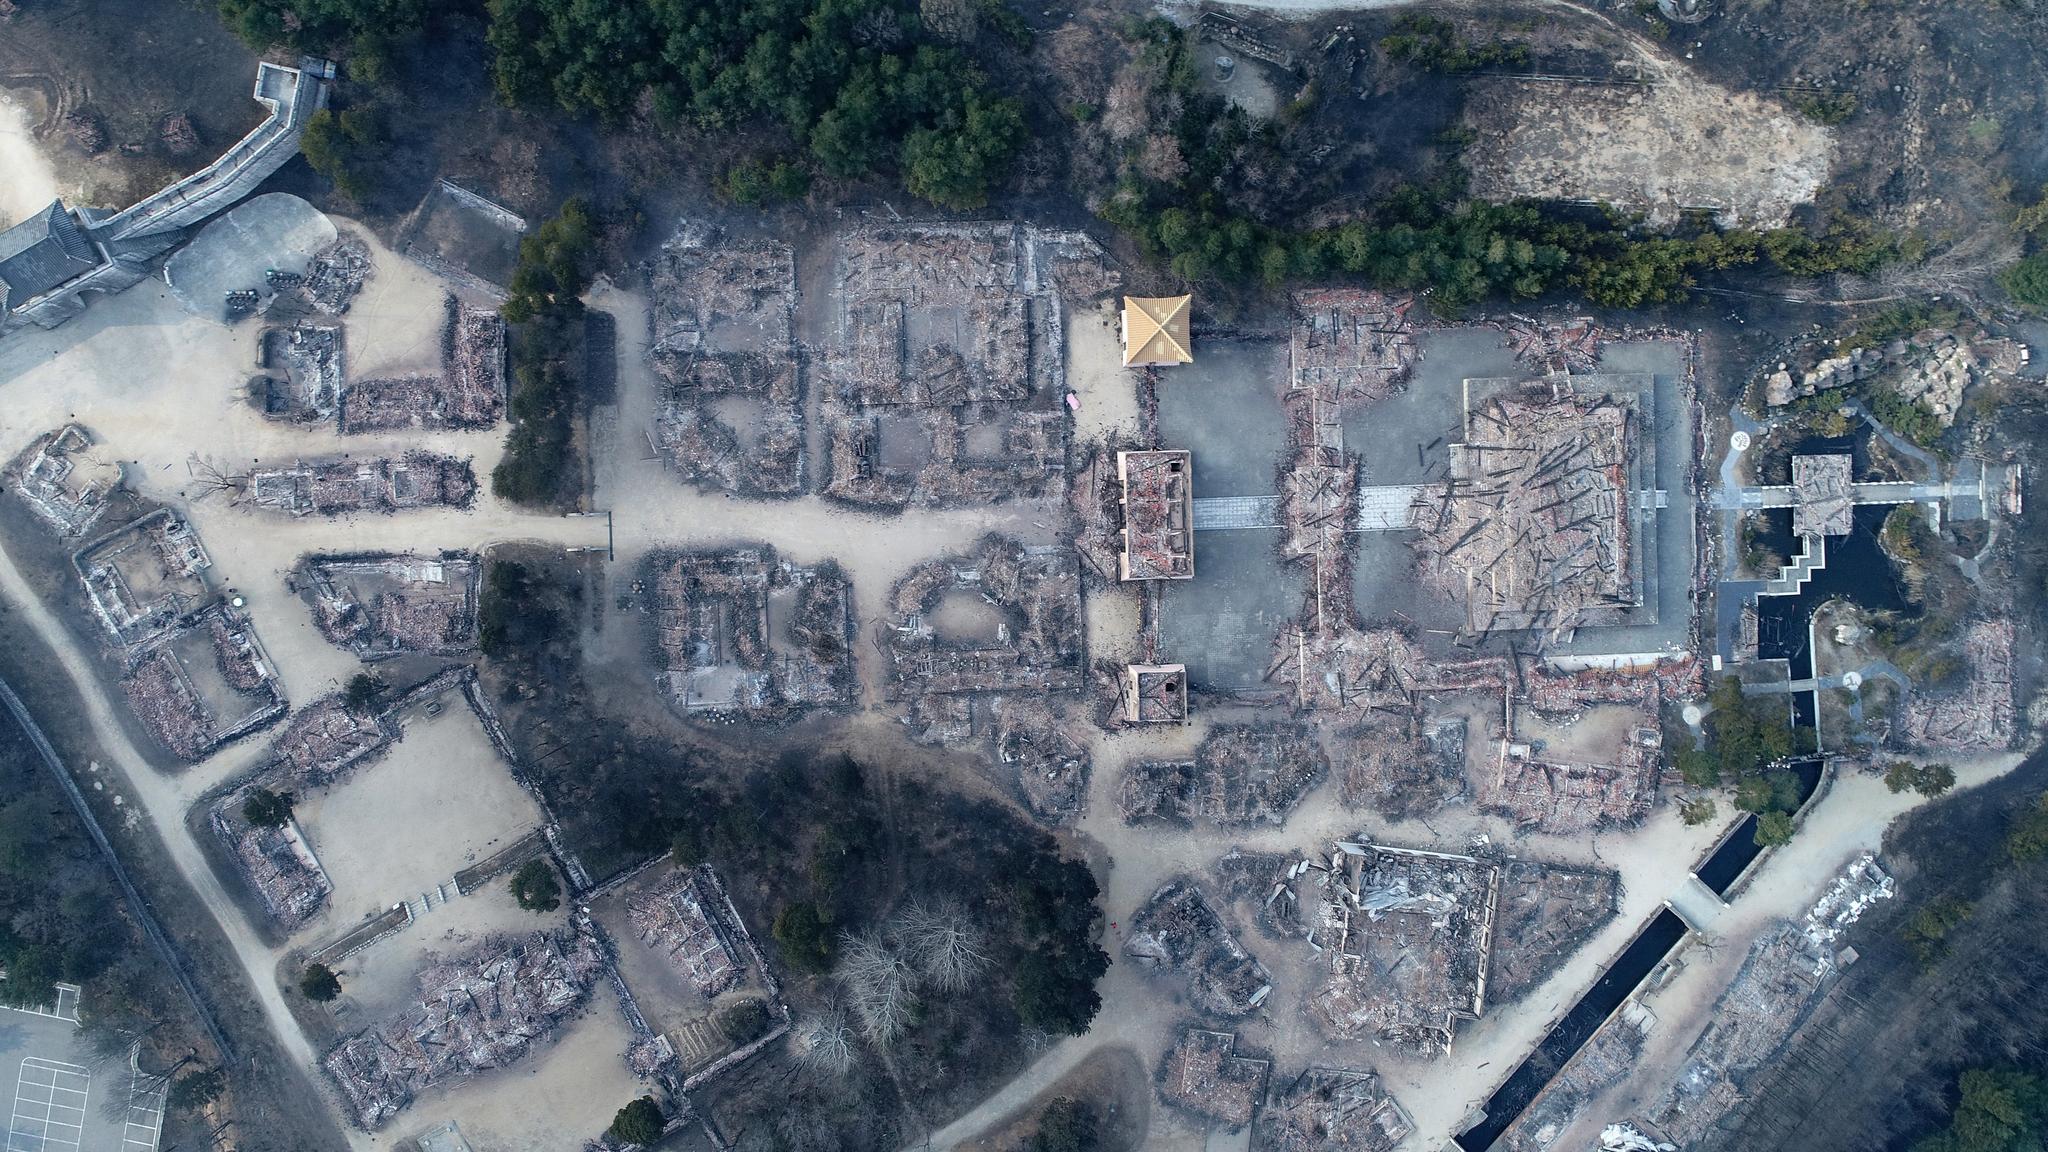 5일 오전 전날 강원도 고성군 토성면에서 시작된 산불로 속초시 대조영 세트장이 전소됐다. [연합뉴스]